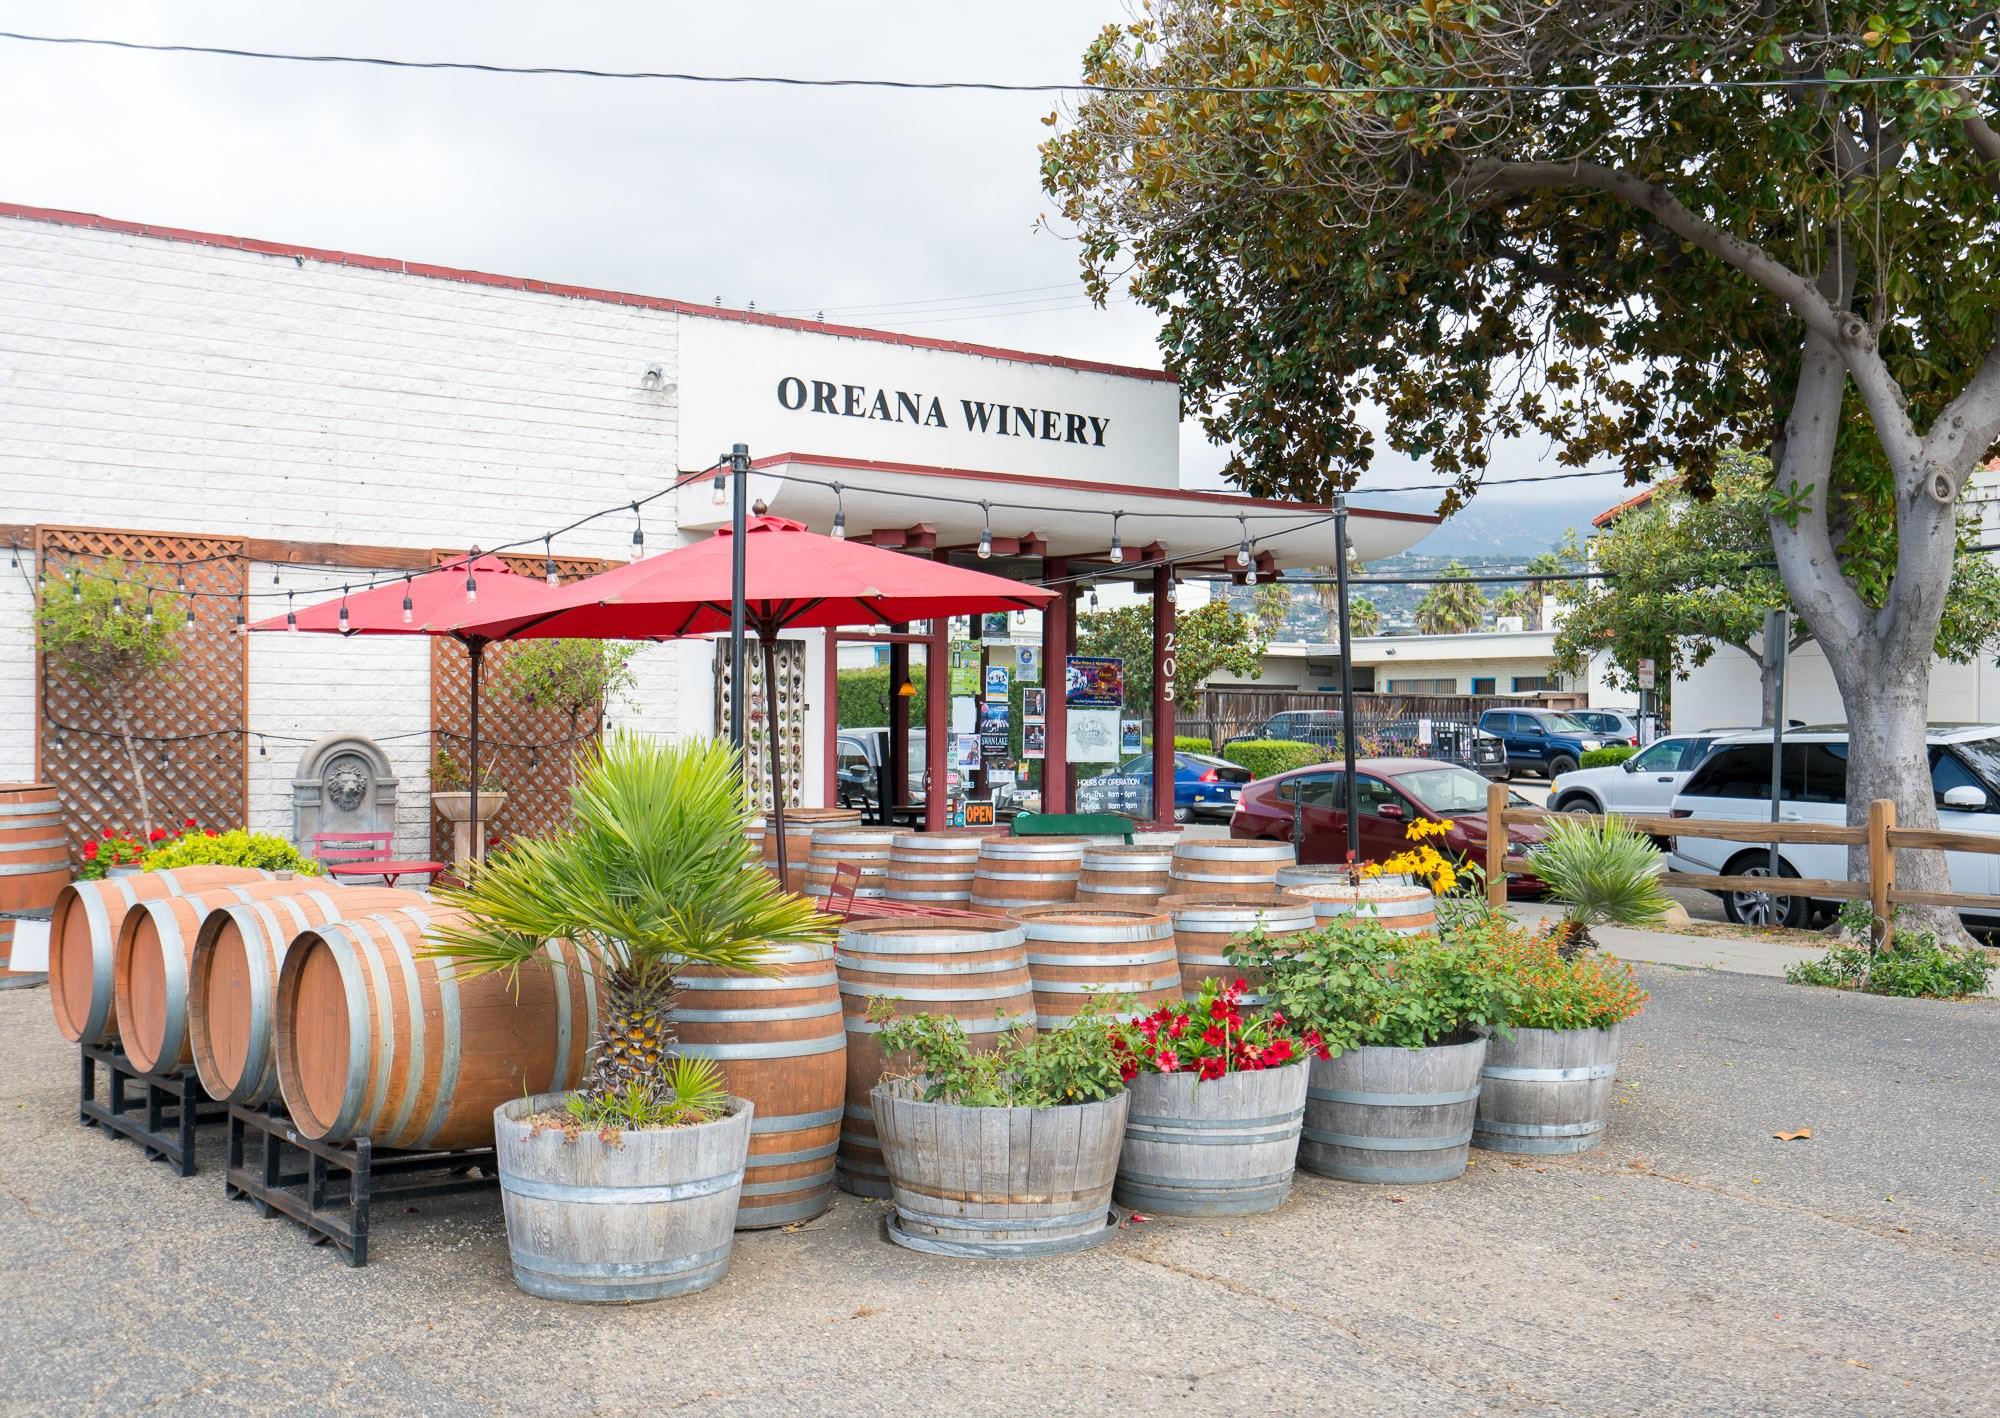 Oreana Winery has a tasting room in Santa Barbara's Funk Zone.